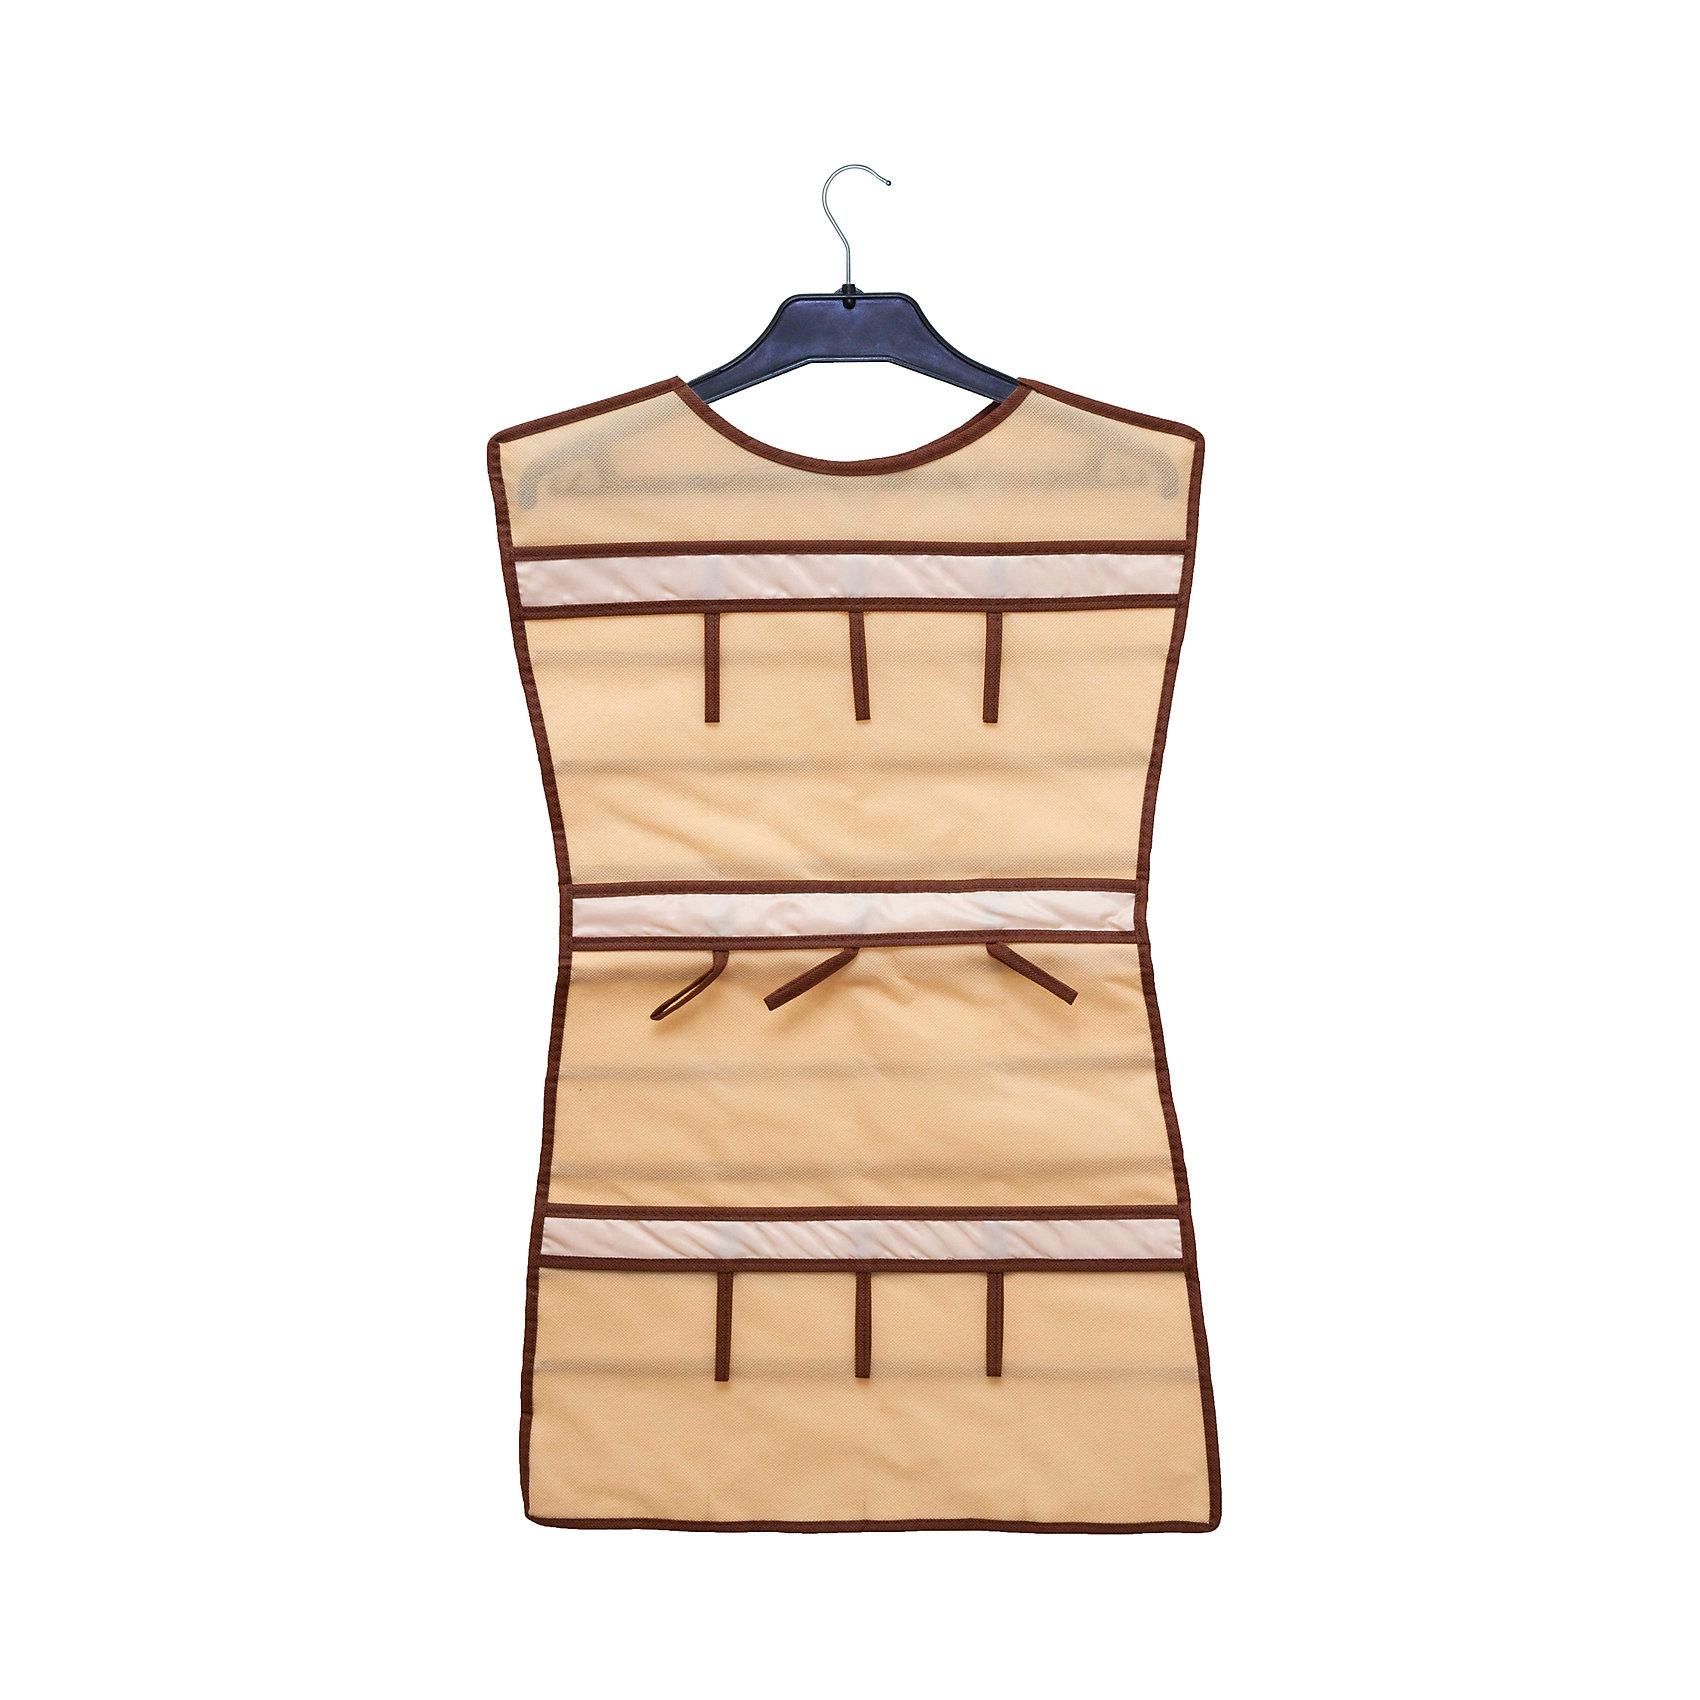 Органайзер-платье для украшений Bora-Bora, HomsuПорядок в детской<br>Характеристики товара:<br><br>• цвет: бежевый<br>• материал: полиэстер, ПВХ<br>• размер: 46х75 см<br>• вес: 300 г<br>• подвесной<br>• крепление: крючок<br>• вместимость: 36 отделений<br>• страна бренда: Россия<br>• страна изготовитель: Китай<br><br>Органайзер-платье для украшений Bora-Bora от бренда Homsu (Хомсу) - очень удобная вещь для хранения вещей и эргономичной организации пространства.<br><br>Он легкий, вместительный, легко помещается в шкафу или на двери.<br><br>Органайзер-платье для украшений Bora-Bora, Homsu можно купить в нашем интернет-магазине.<br><br>Ширина мм: 500<br>Глубина мм: 400<br>Высота мм: 20<br>Вес г: 300<br>Возраст от месяцев: 216<br>Возраст до месяцев: 1188<br>Пол: Унисекс<br>Возраст: Детский<br>SKU: 5620204